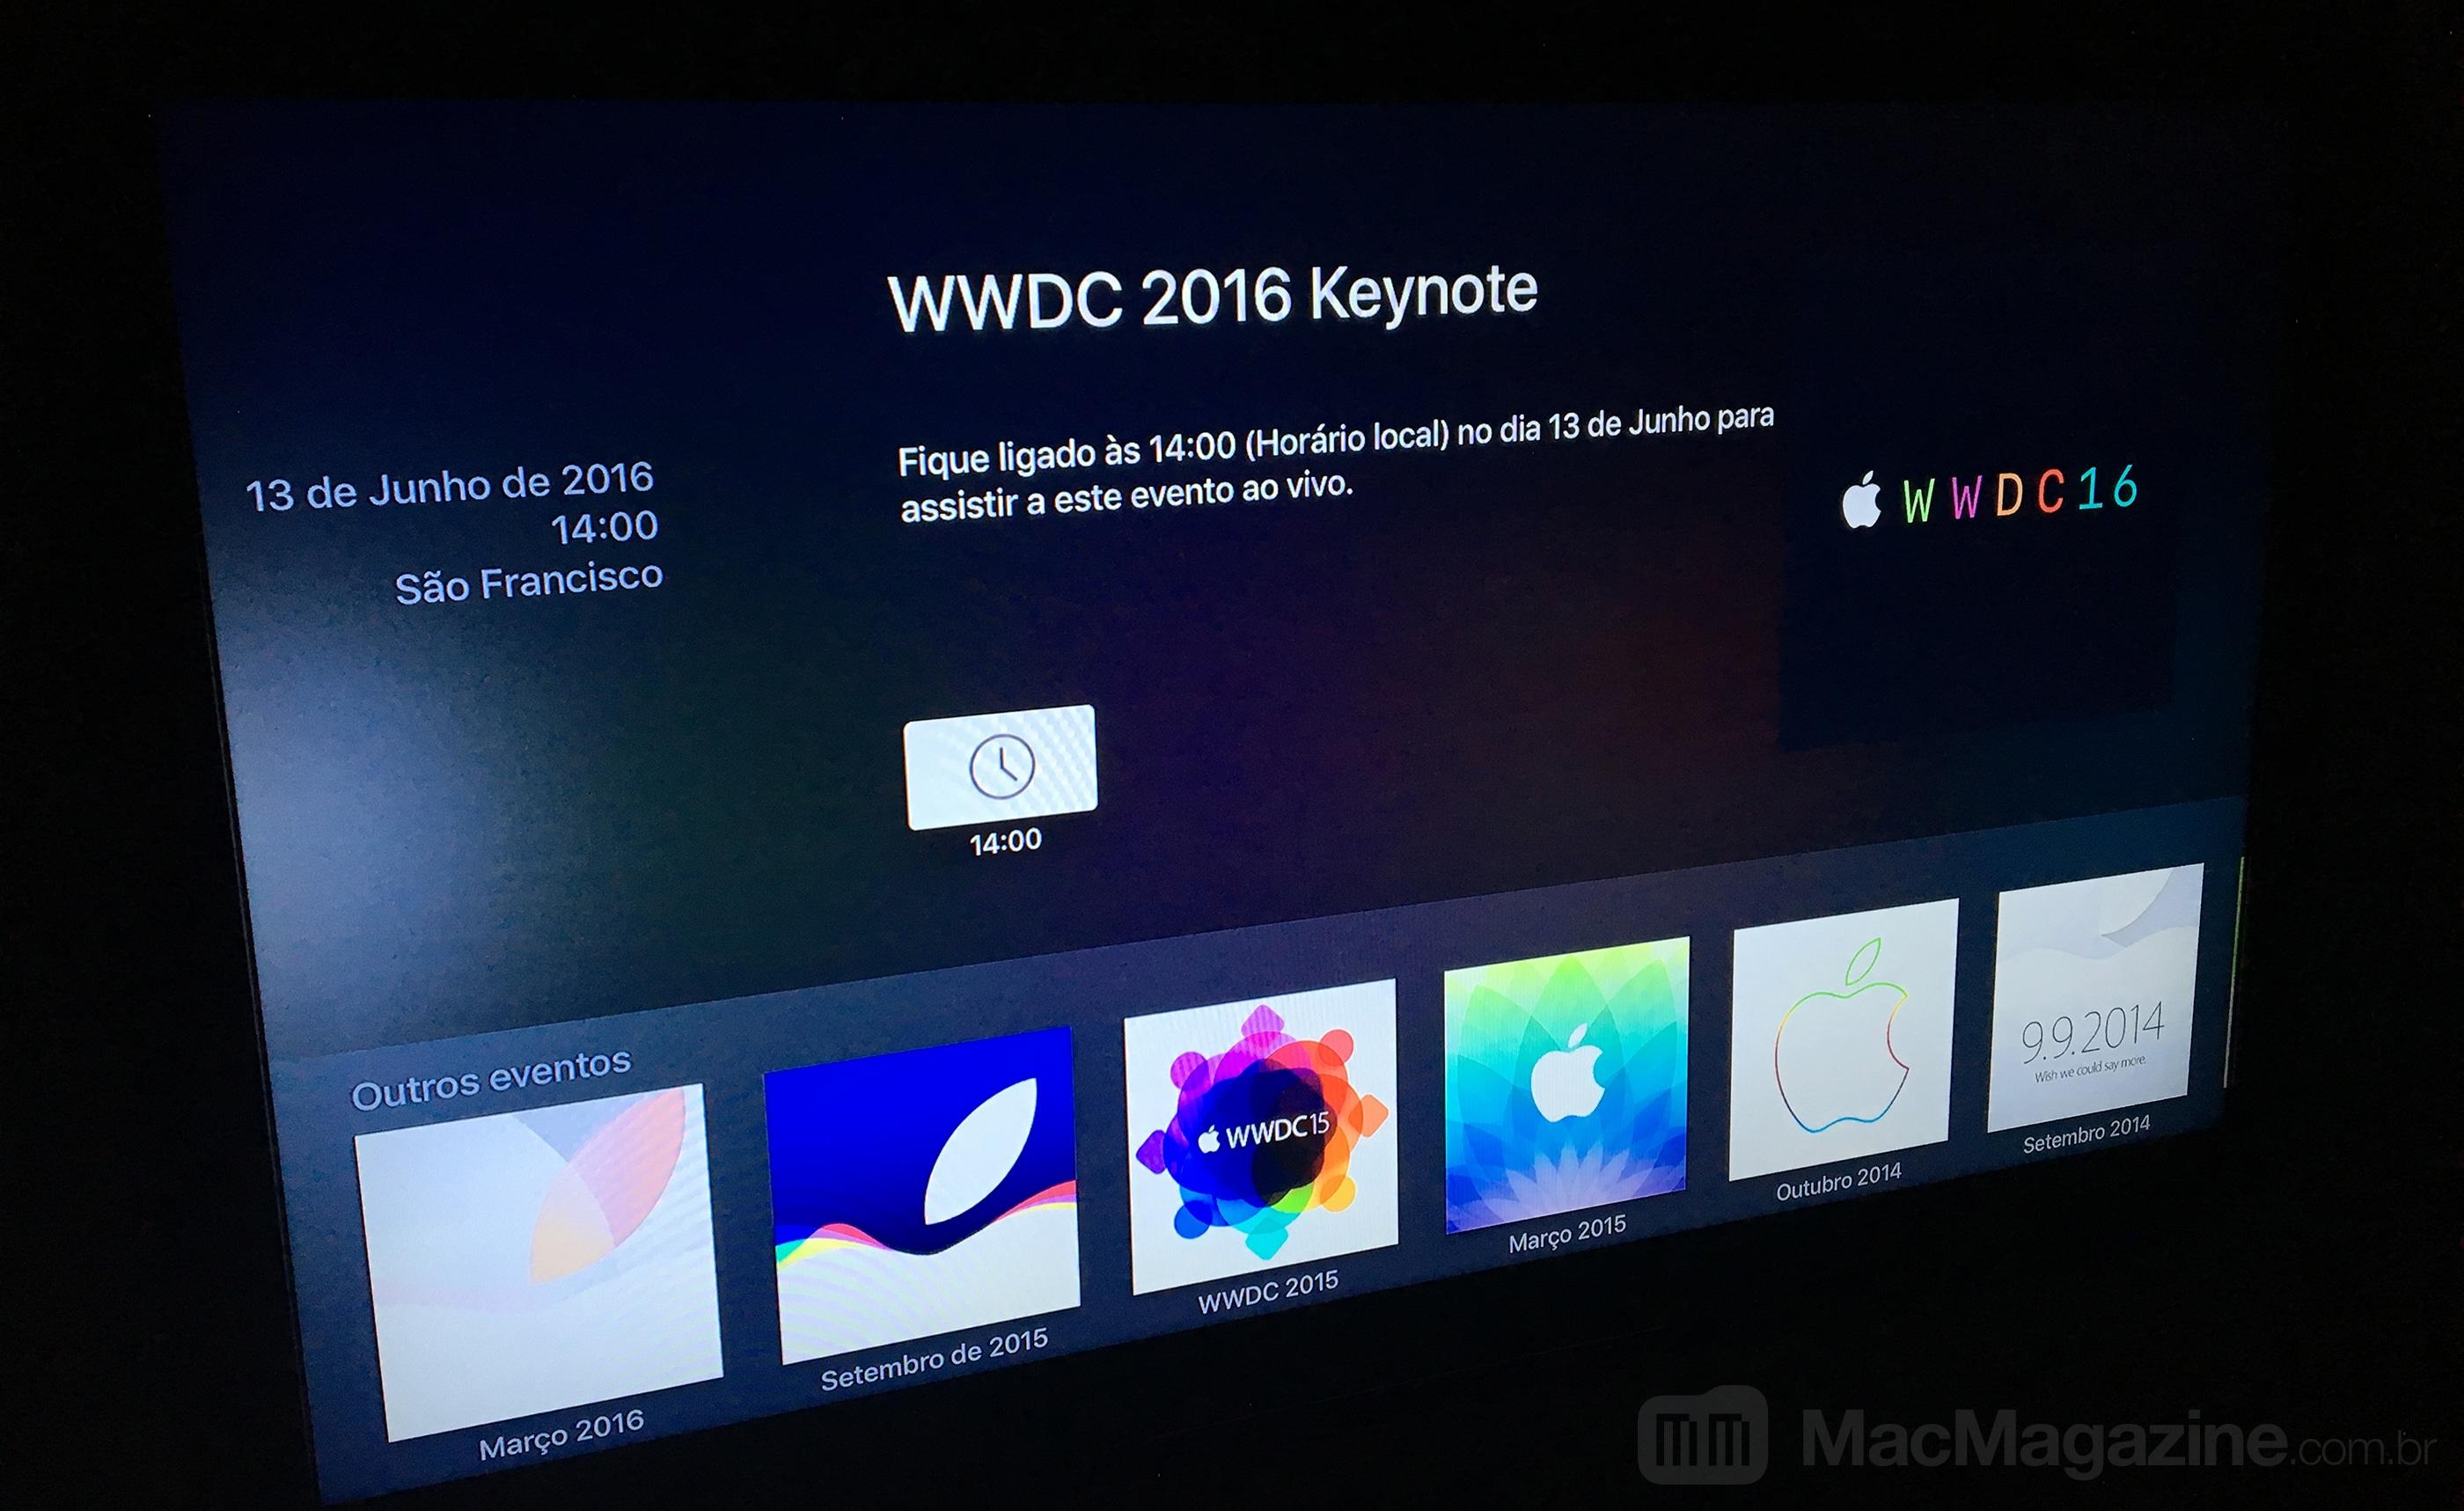 Canal da WWDC 2016 na Apple TV